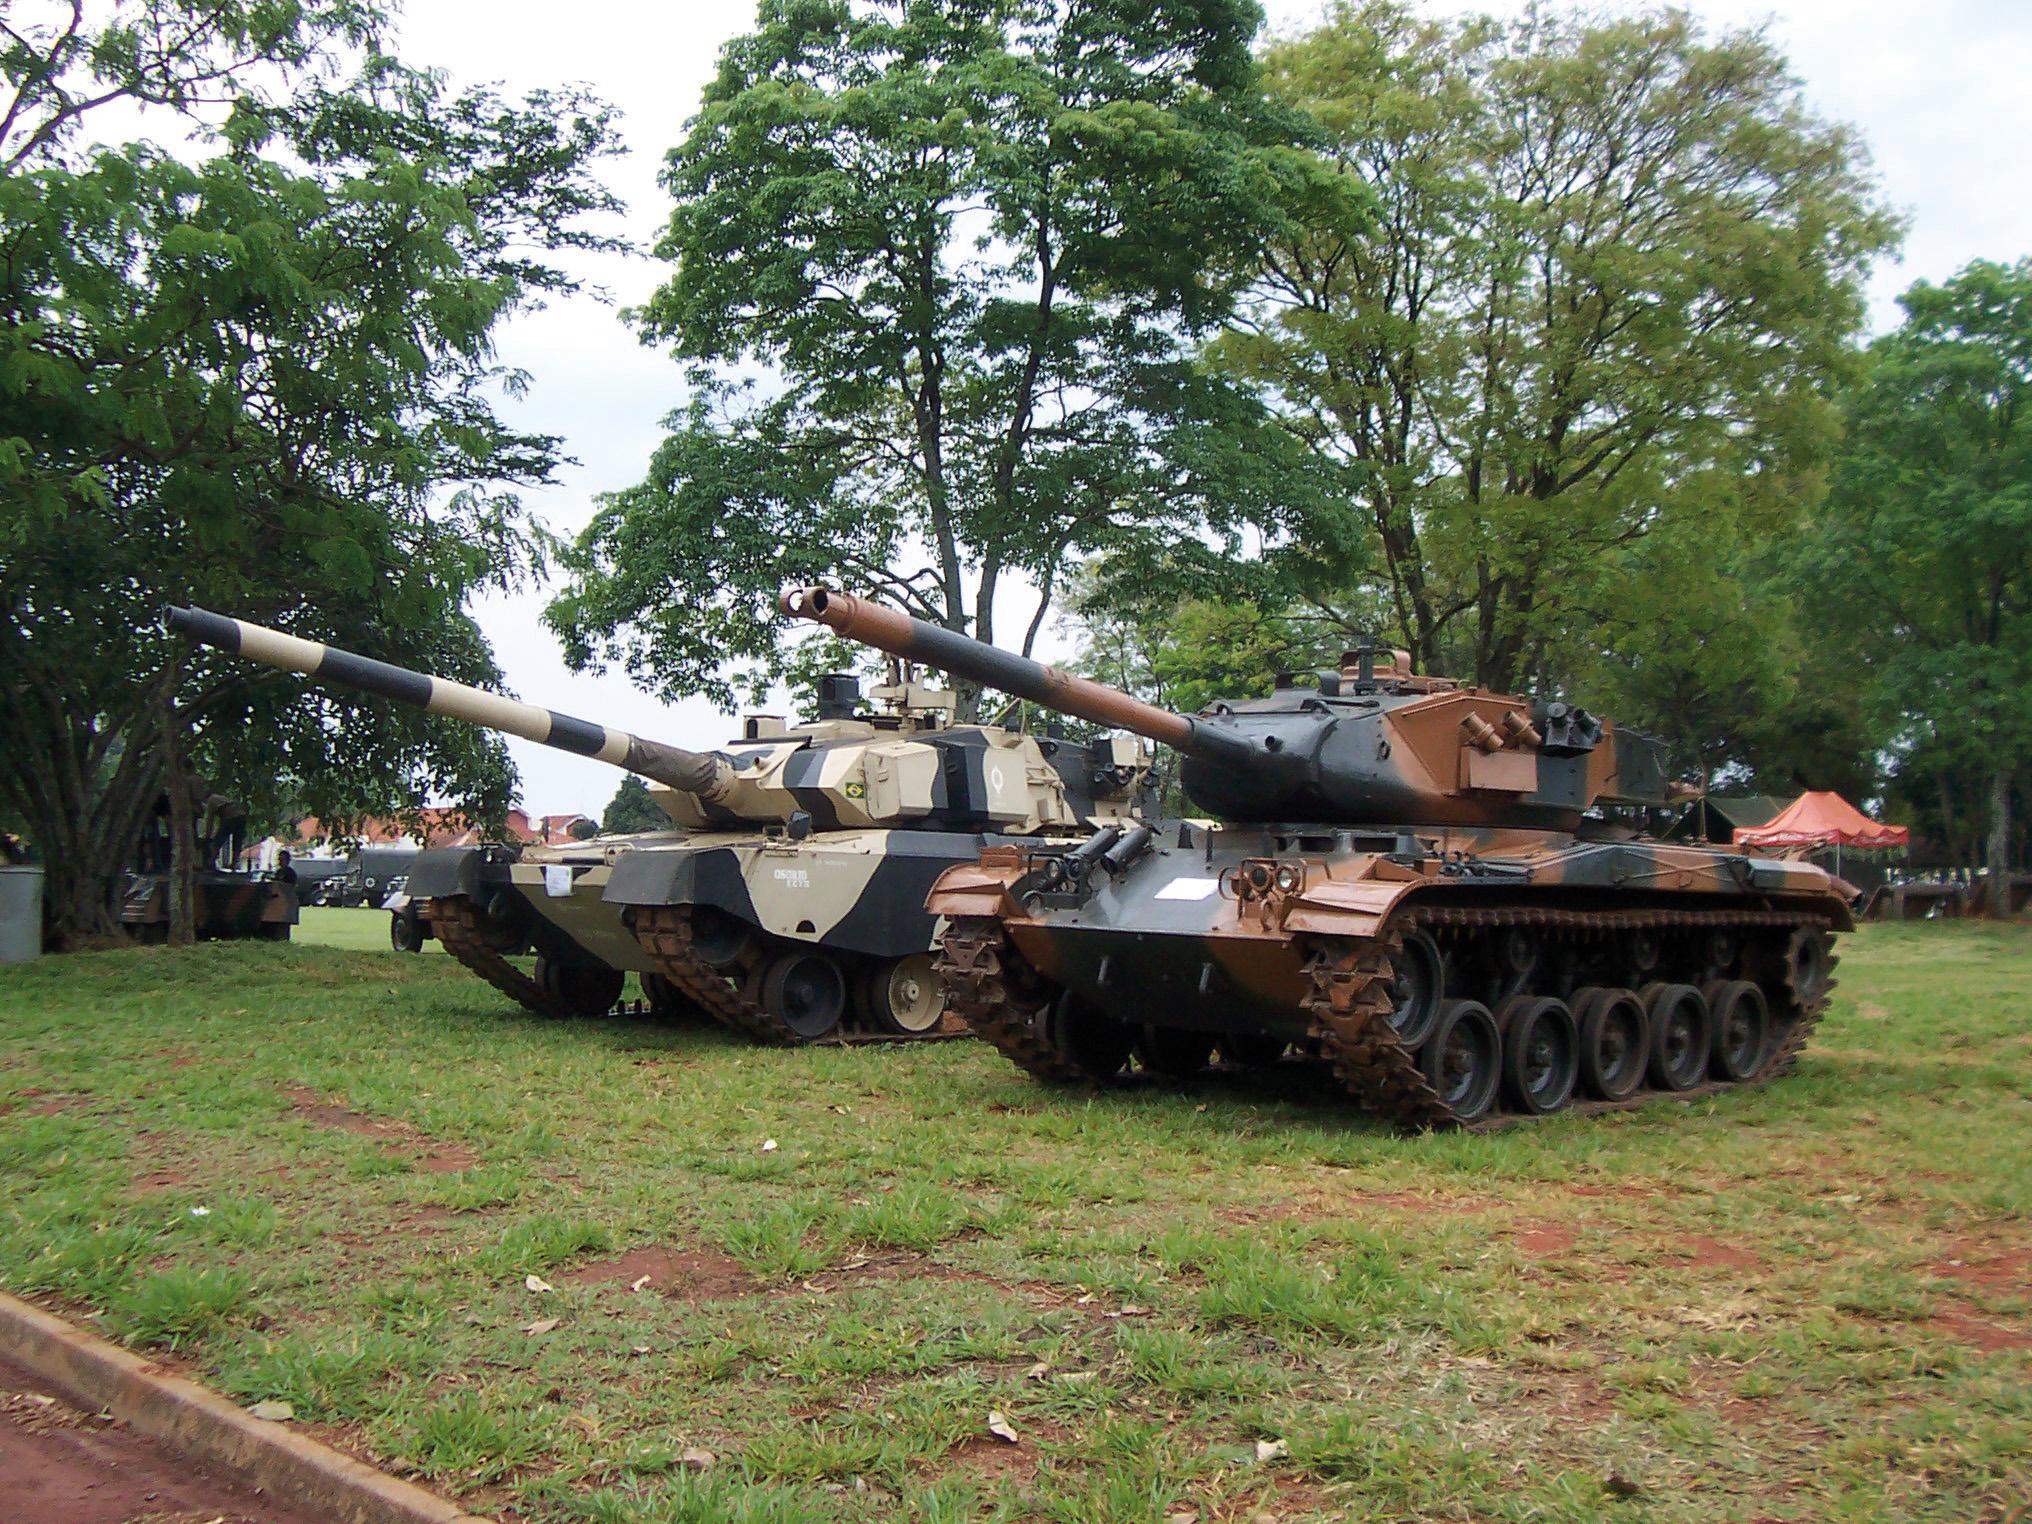 M-41 Caxias e protótipo do Osório em Pirassununga em setembro de 2009 - foto Nunão